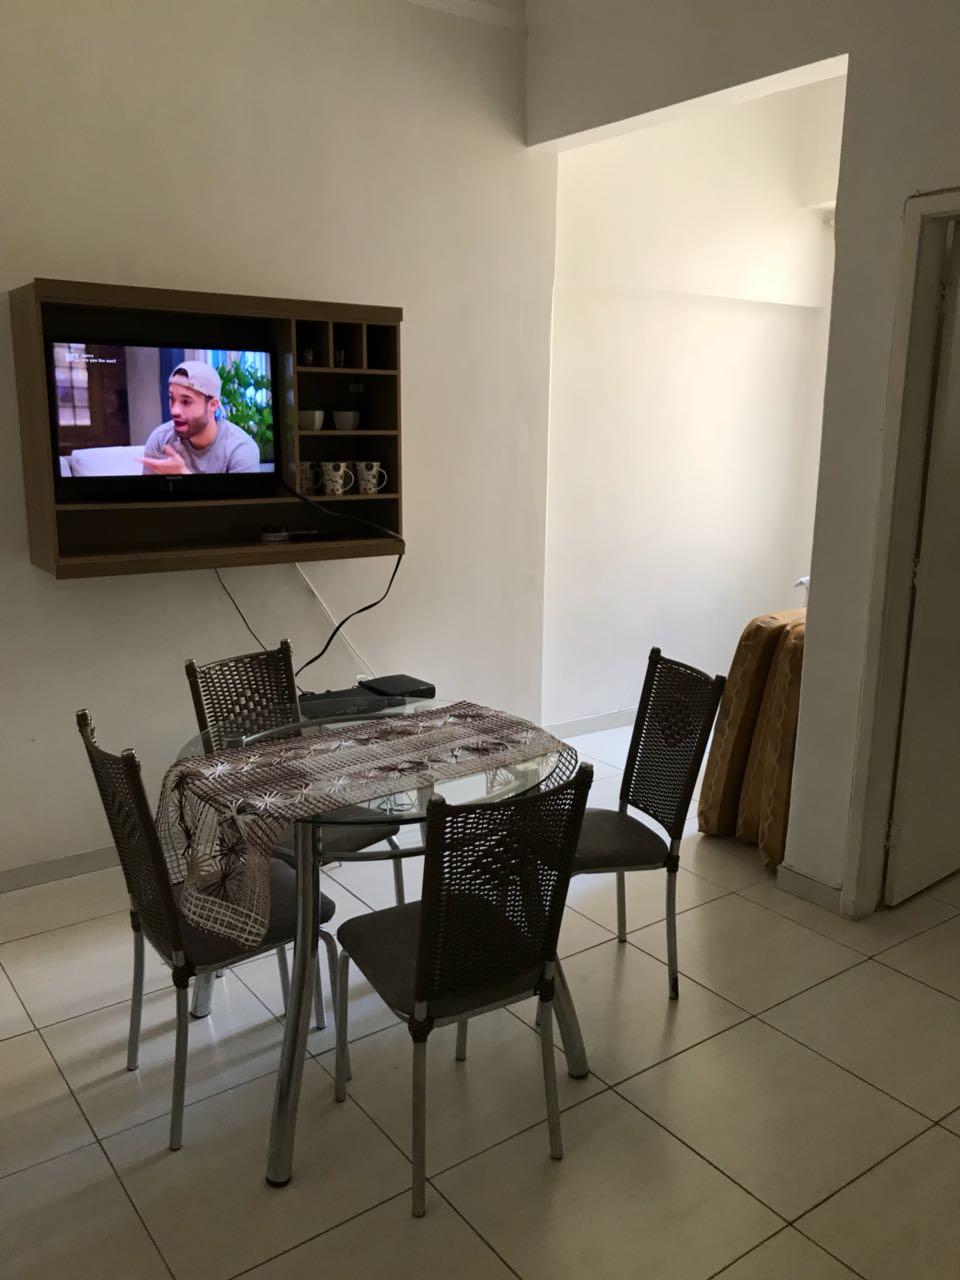 Apartamento  com 1 quarto no Copacabana, Rio de Janeiro  - RJ